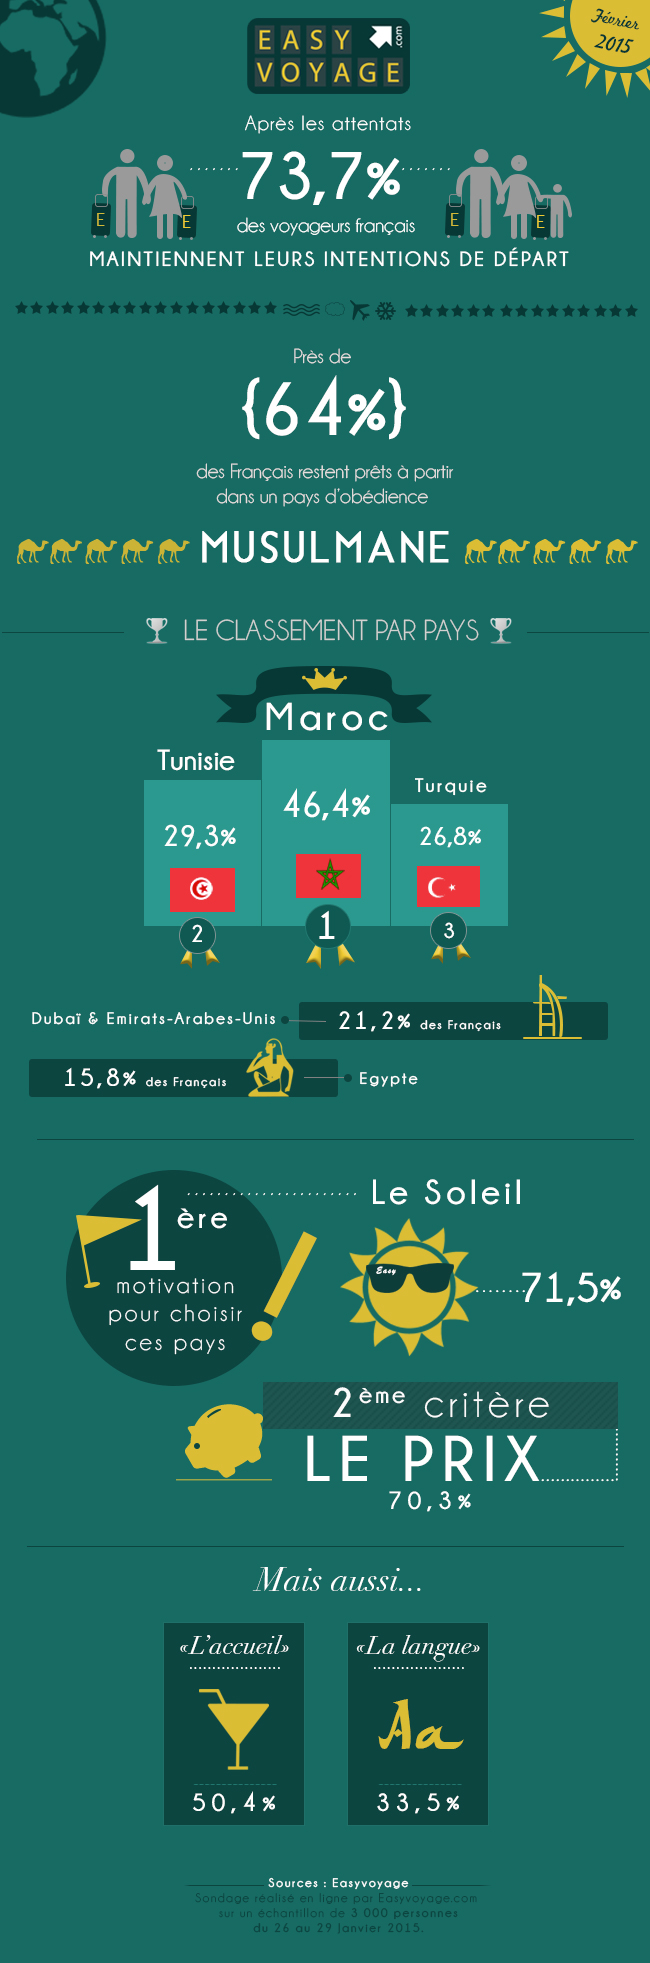 Tourisme et attentat infographie easyvoyage